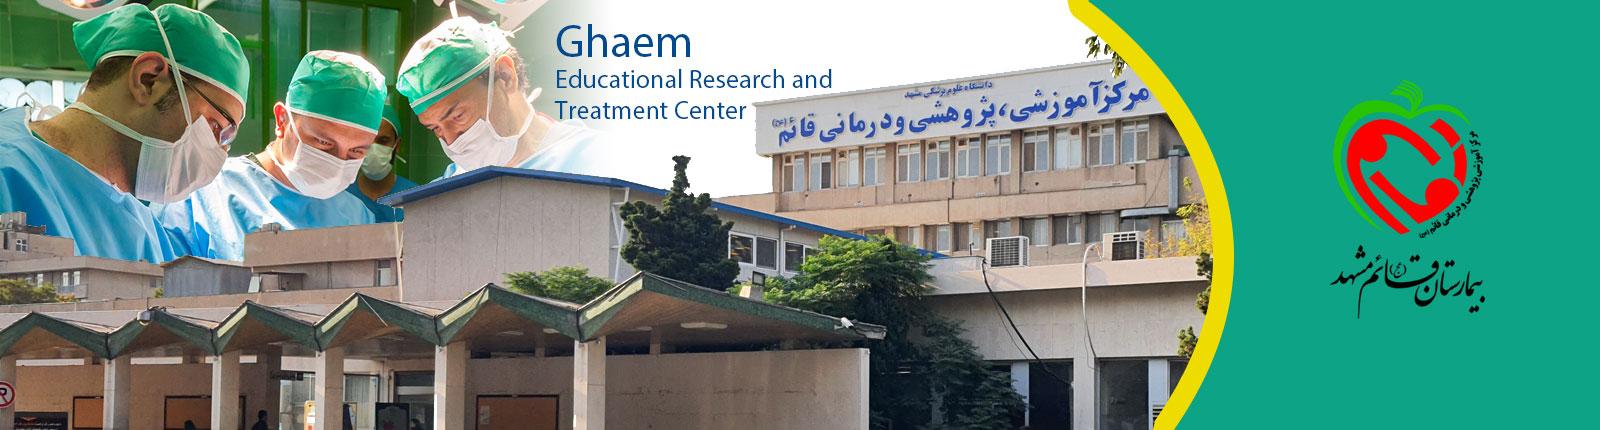 Ghaem_Hospital_Mashhad